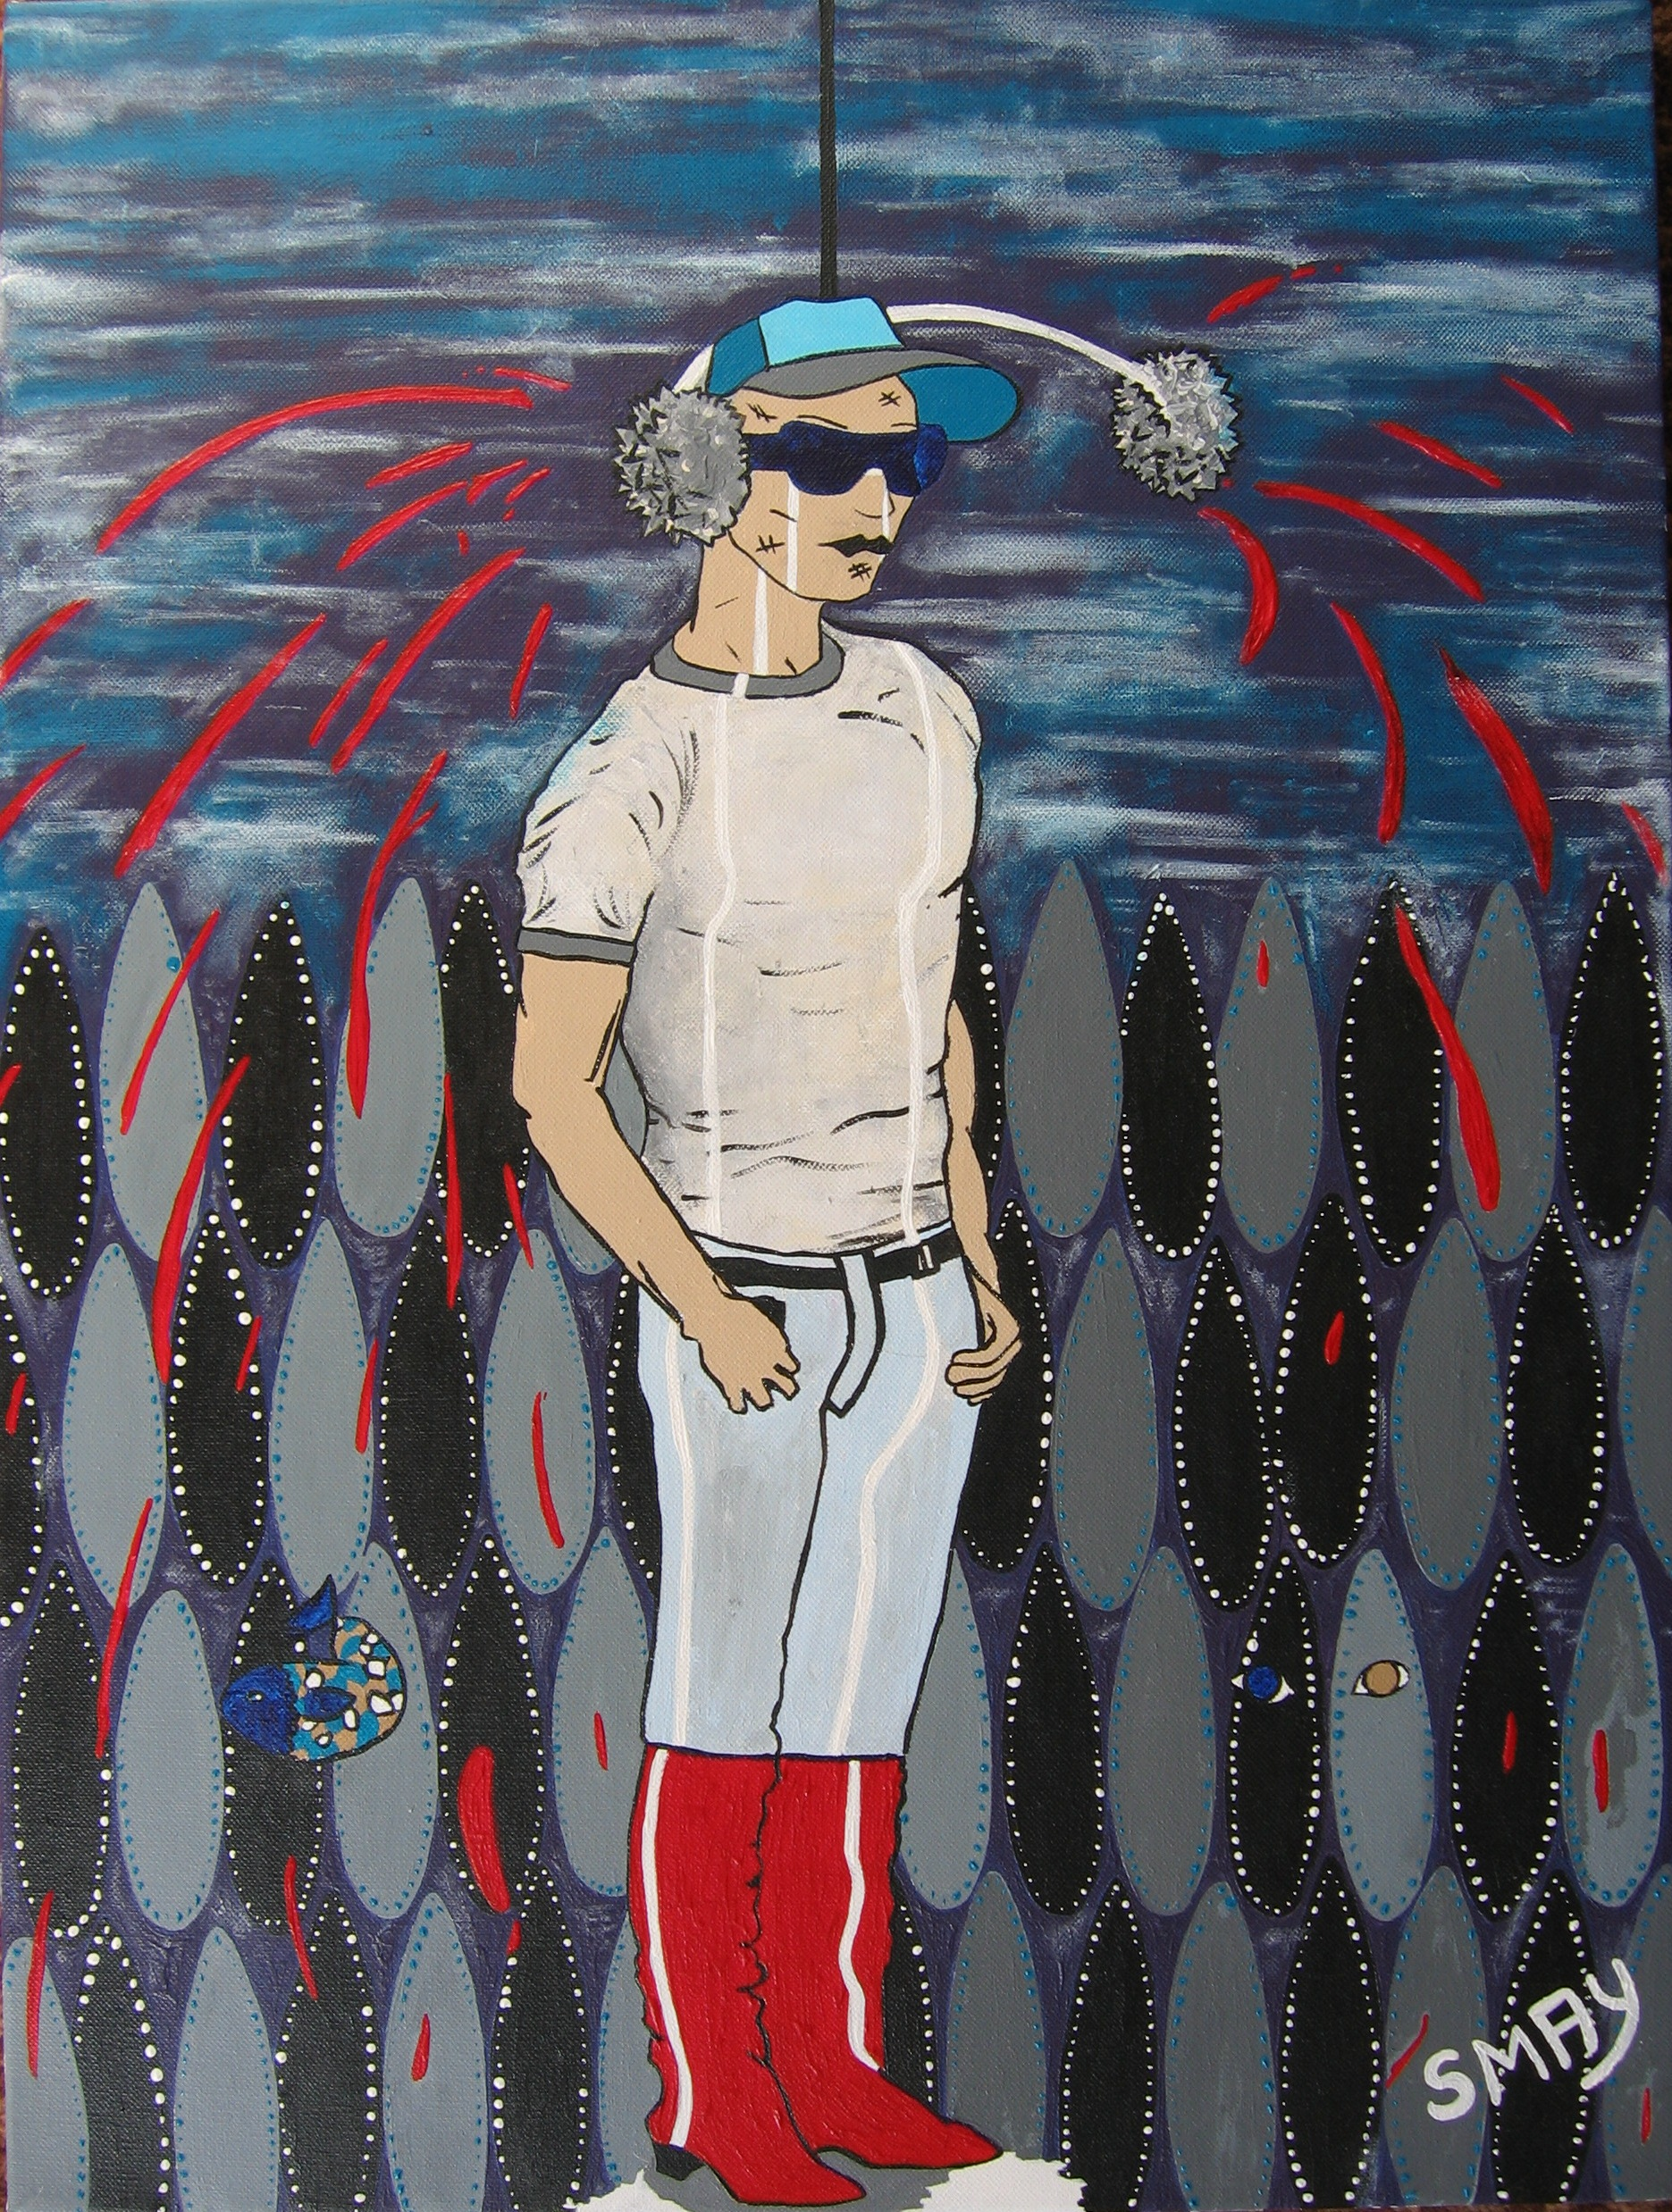 Fashionably Dead  2007 Acrylics on canvas 56 x 71cm